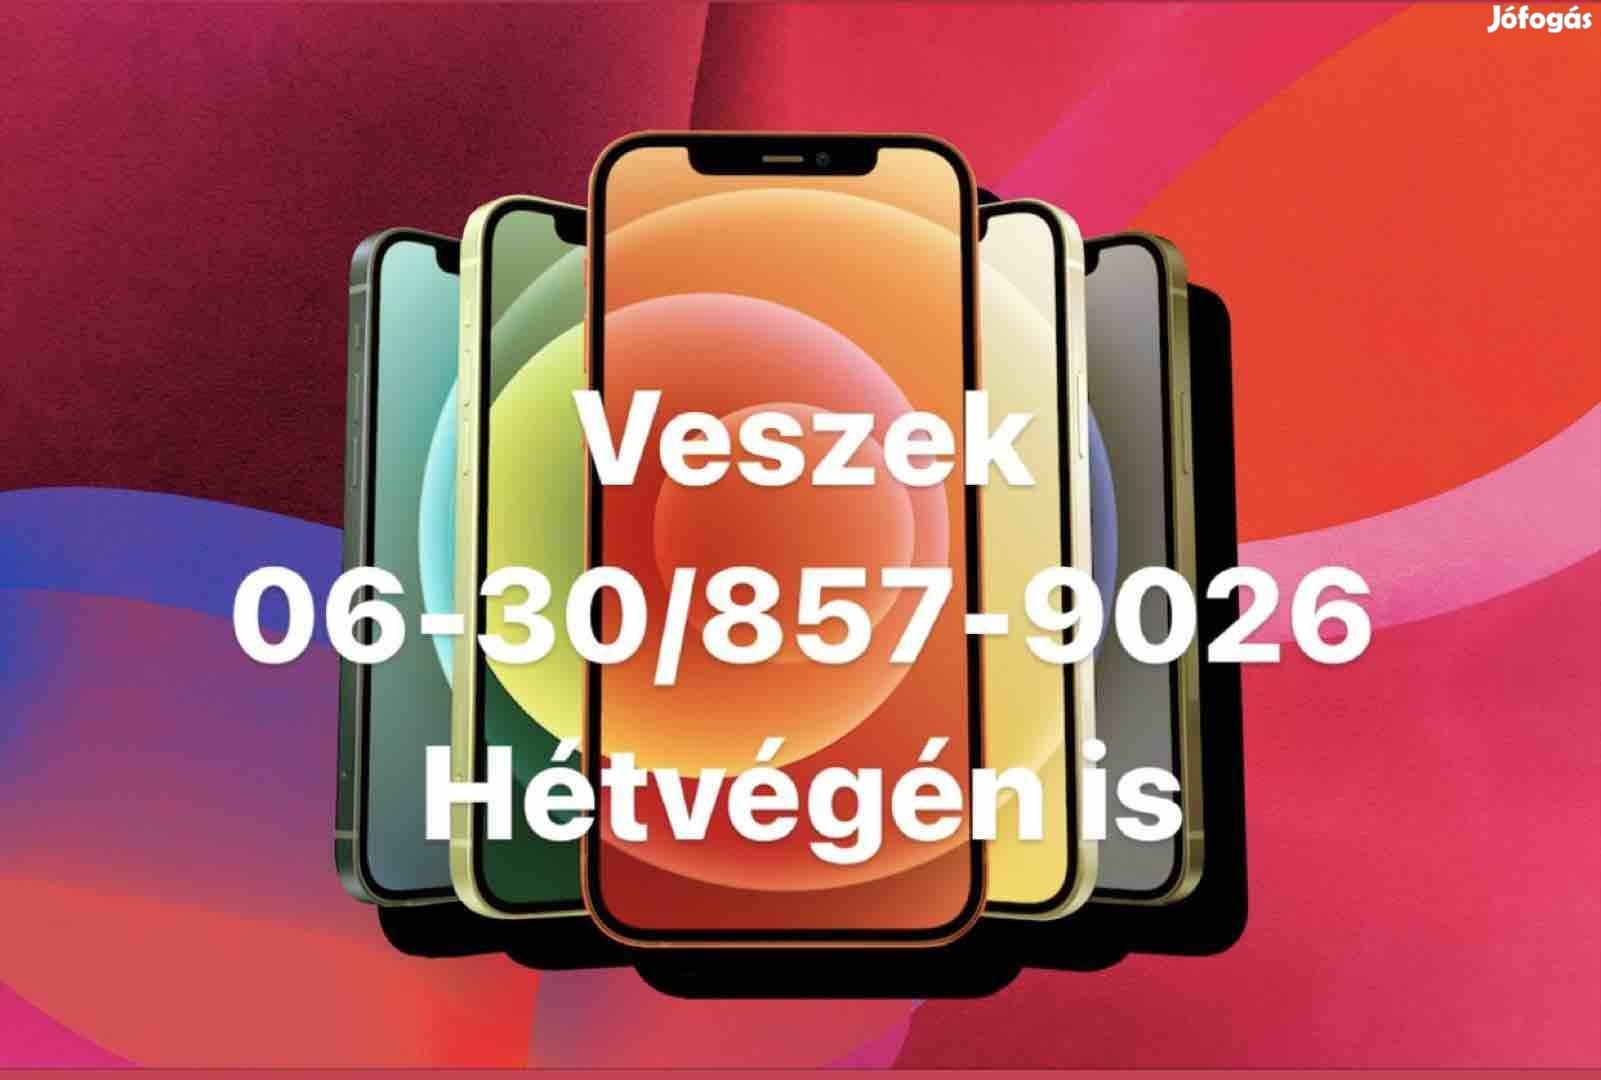 Veszek iphone X XS XR 11 11Pro 12 Mini 12 Pro Max 13 Mini 13 Pro Max